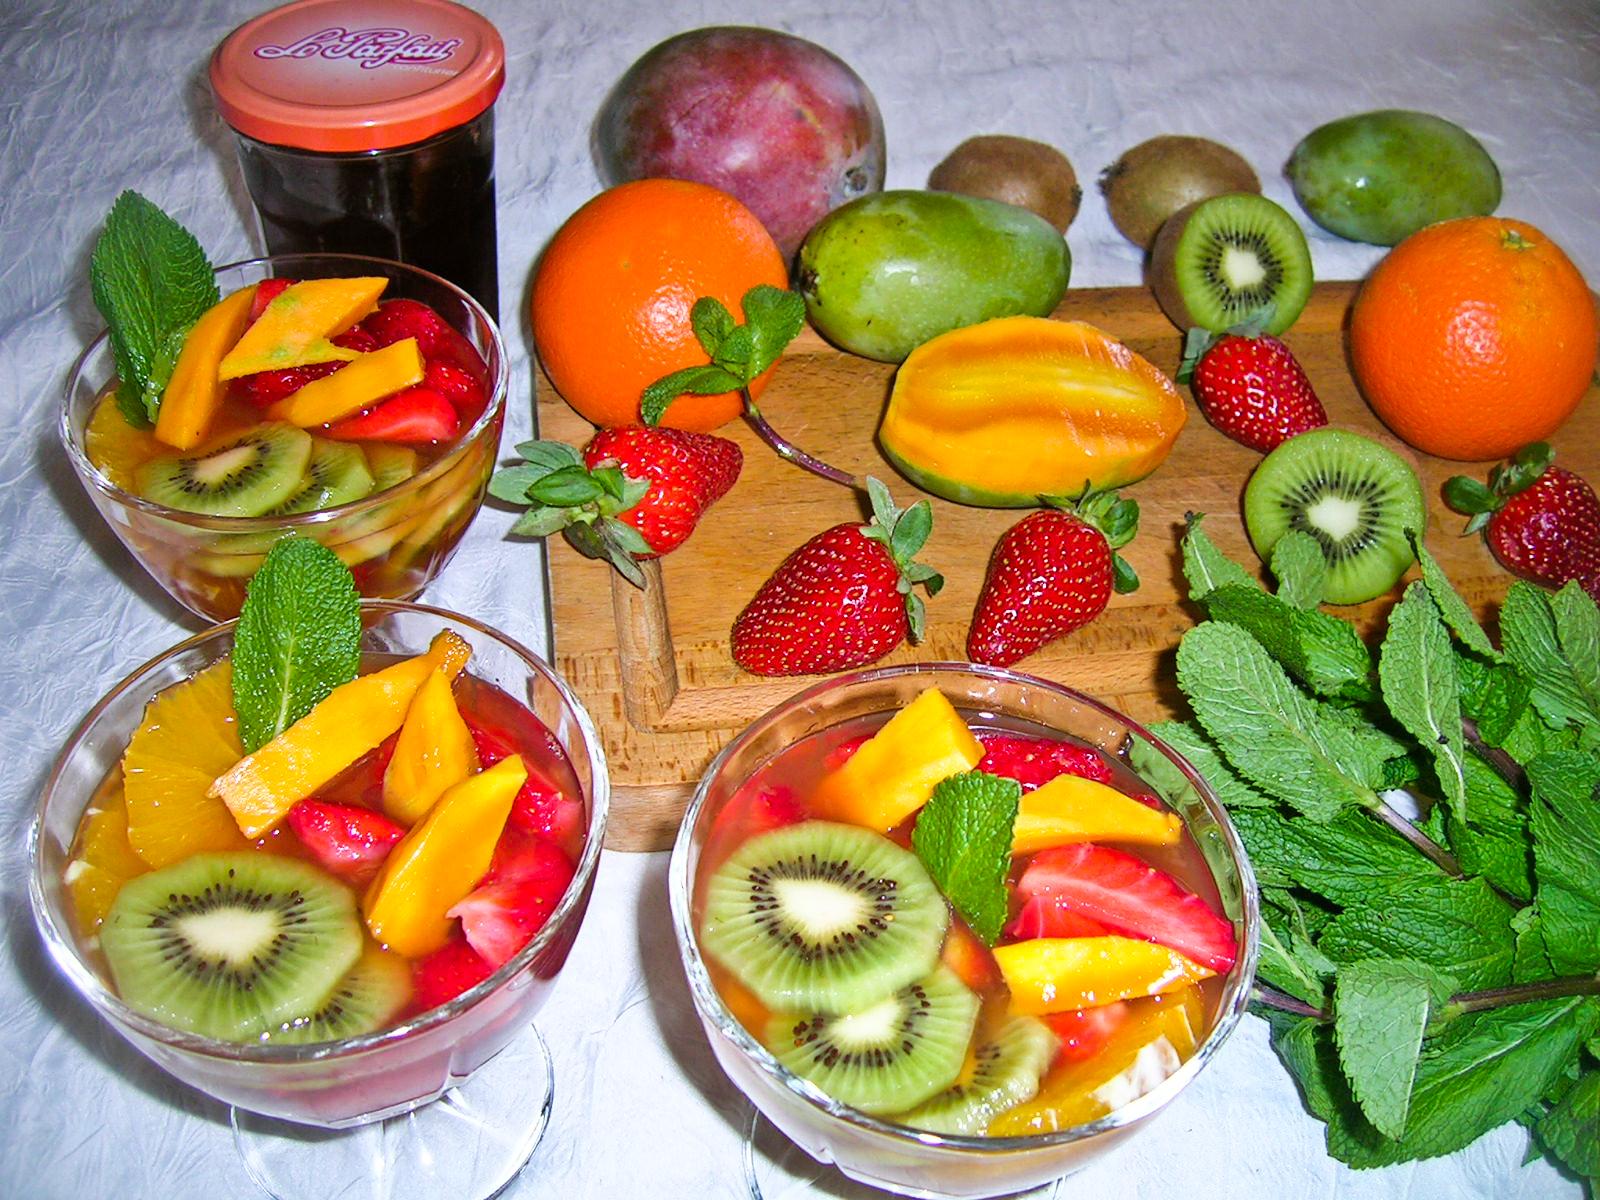 salade de fruits frais cuisine divine salade de fruits frais voyage au coeur des saveurs. Black Bedroom Furniture Sets. Home Design Ideas